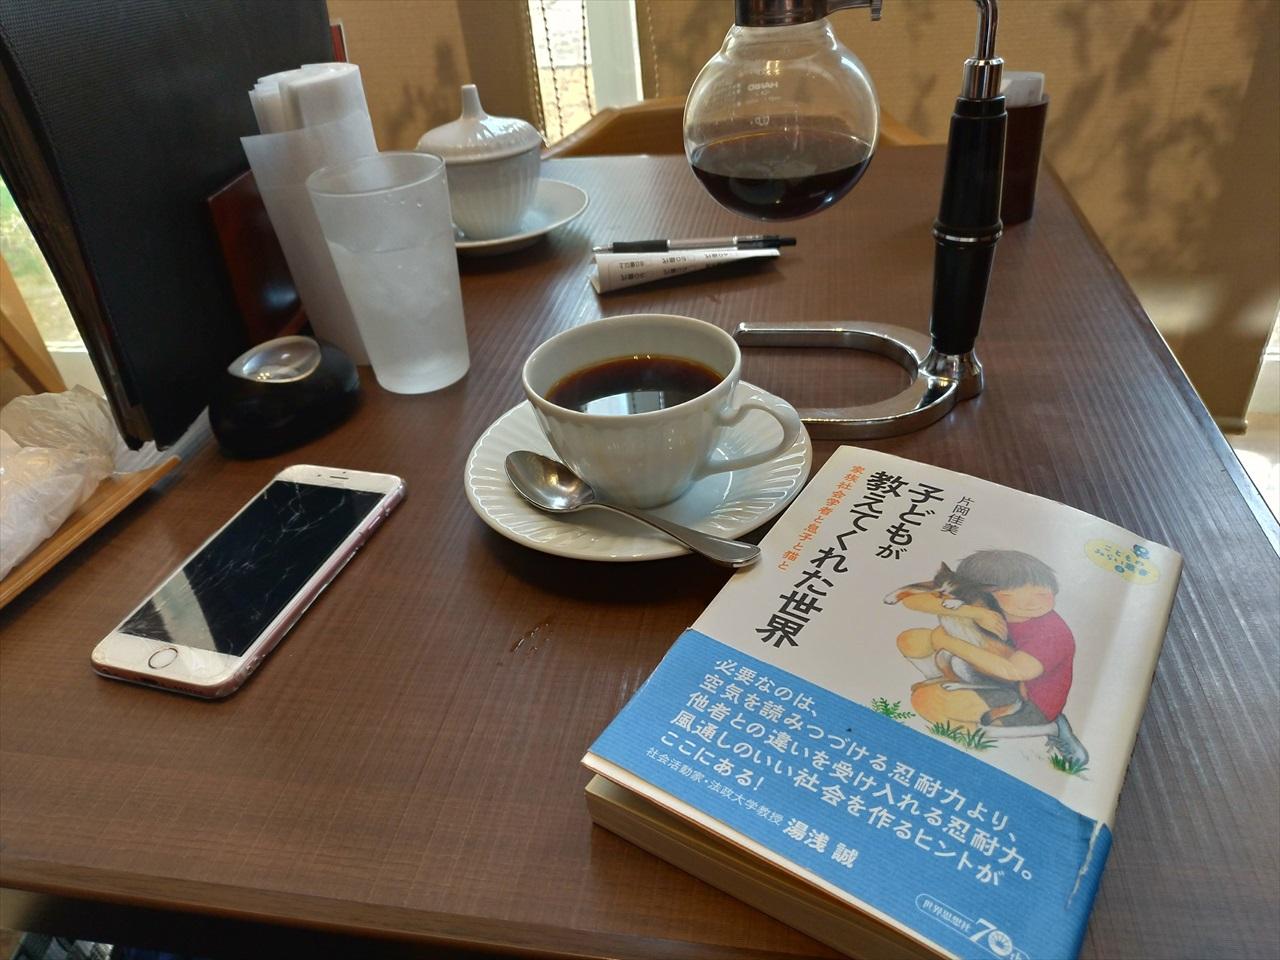 書評:片岡佳美『子どもが教えてくれた世界 家族社会学者と息子と猫と』世界思想社、2018年。